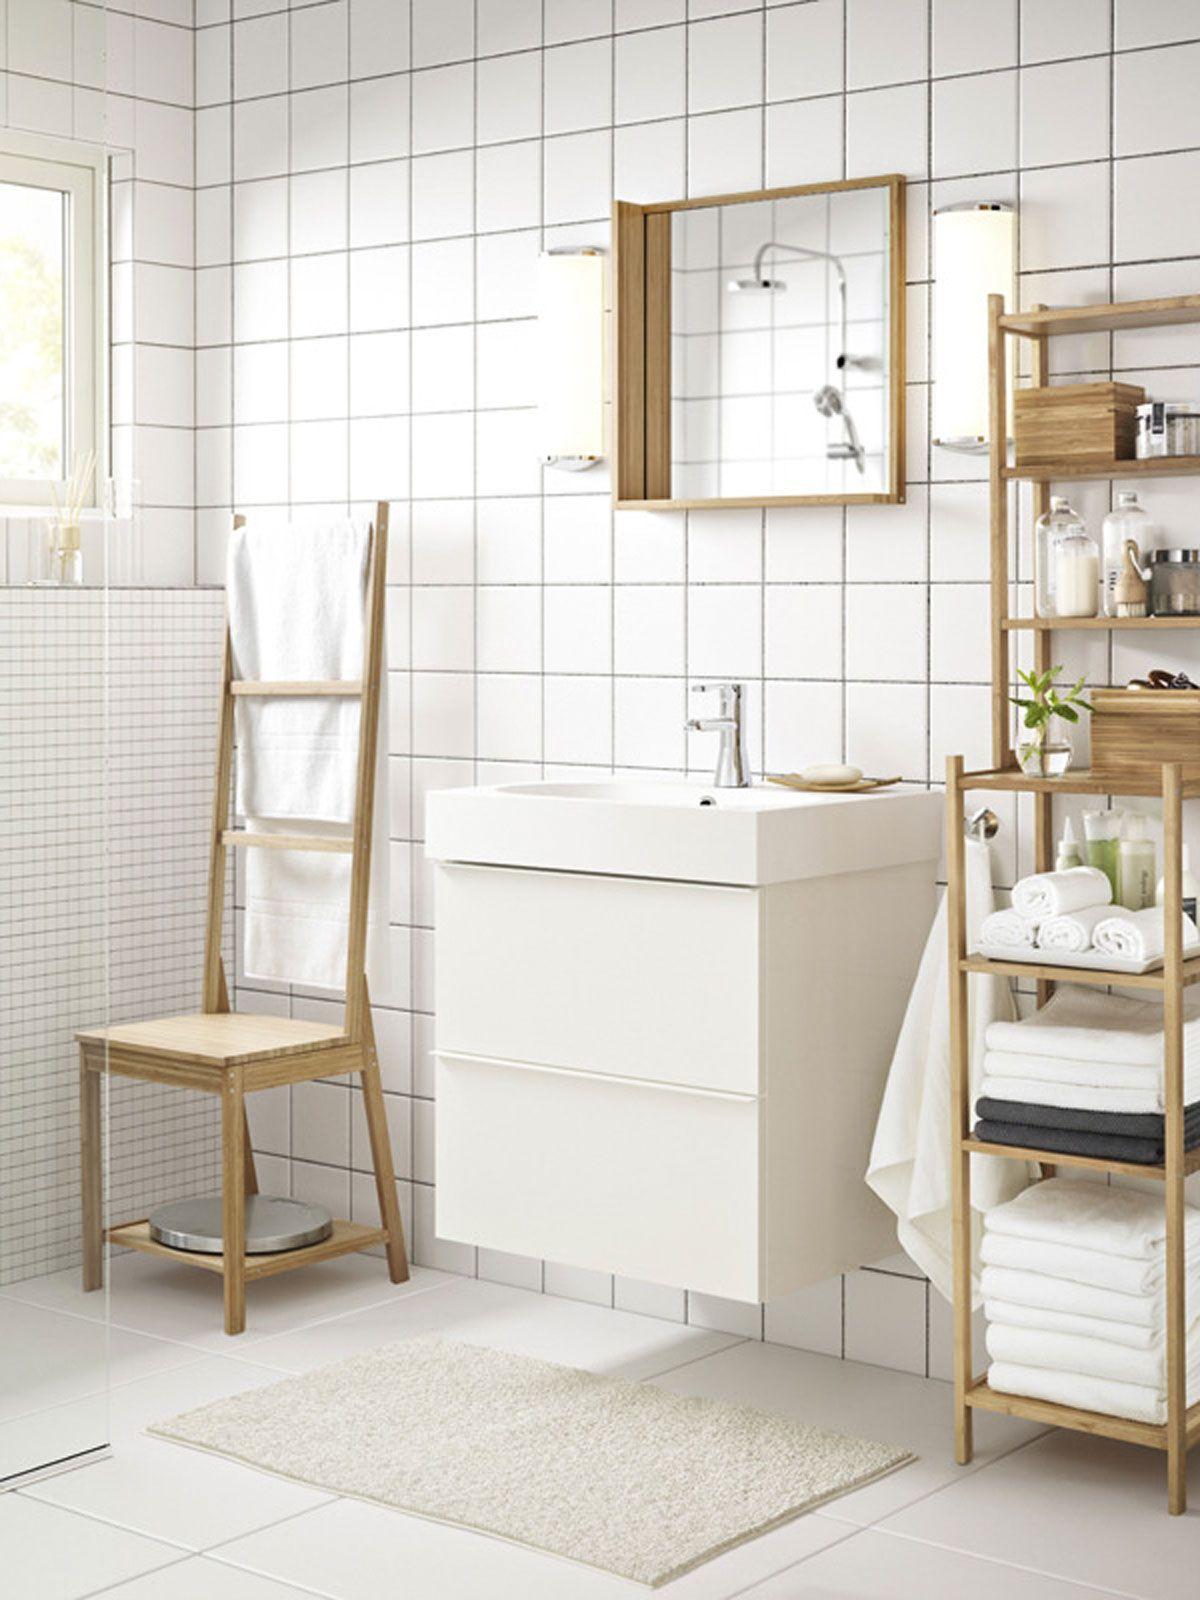 66 Luxurios Kollektion Von Ikea Regal Badezimmer Kleine Badaufbewahrung Ikea Badezimmer Bambus Badezimmer